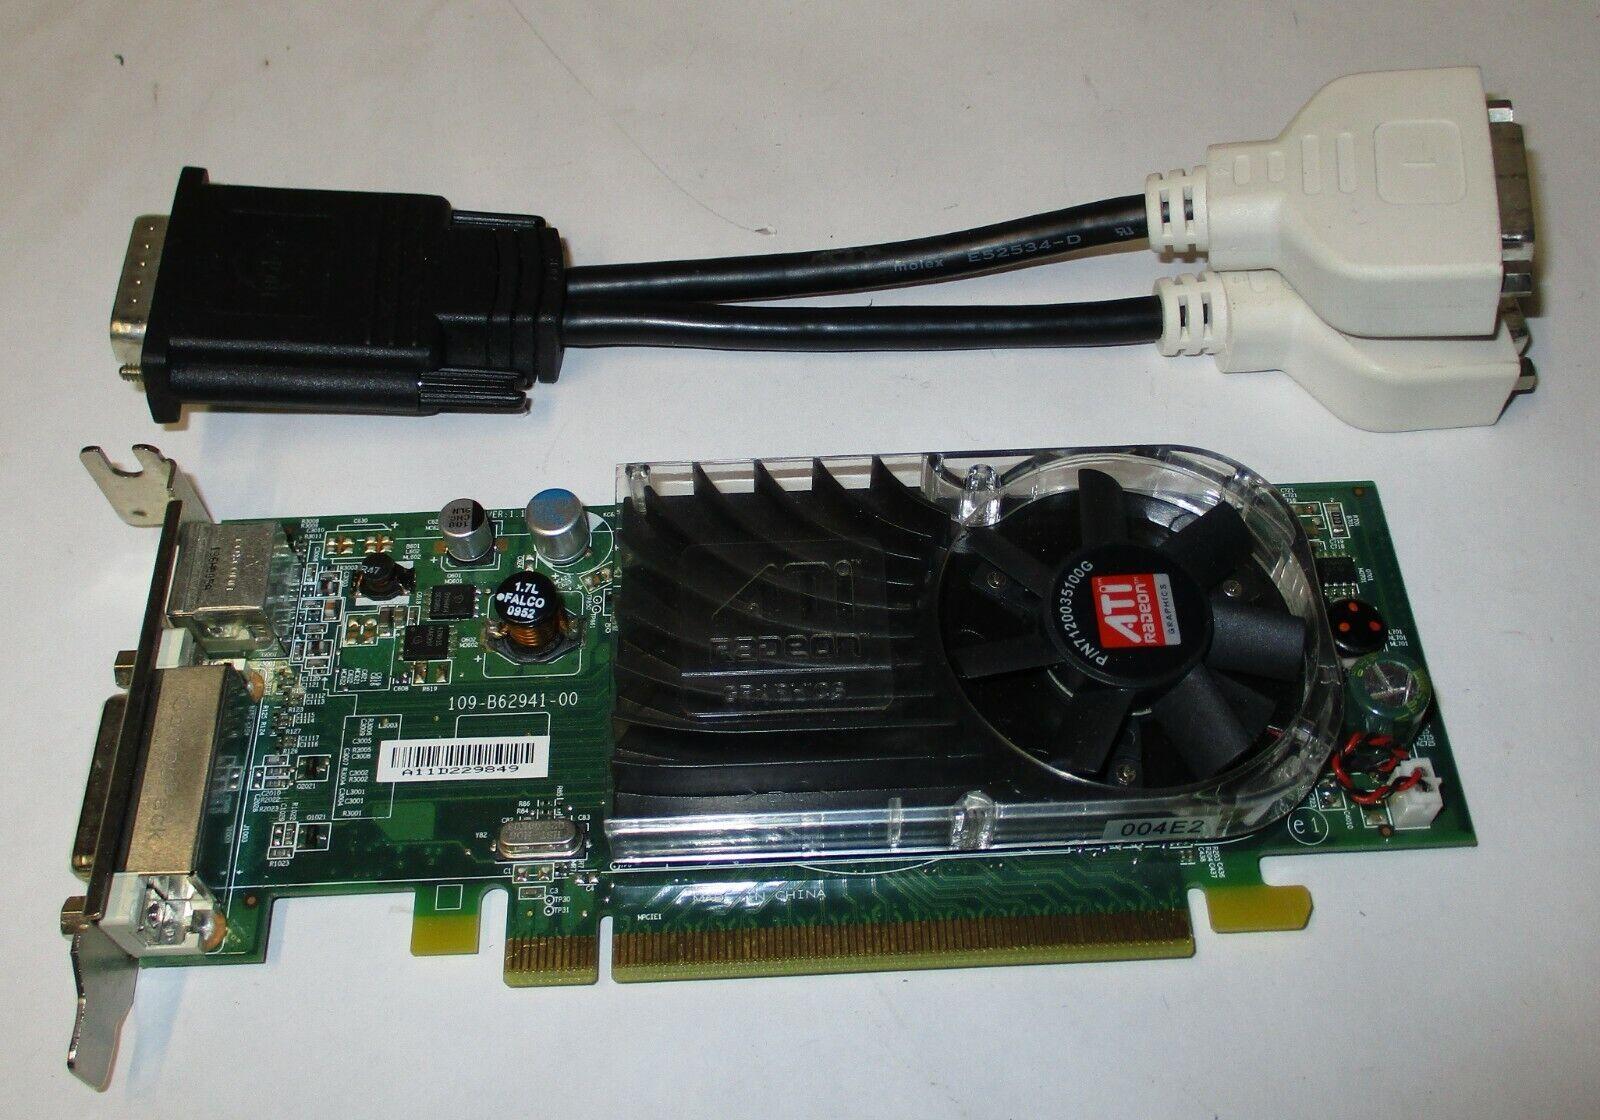 AMD B629 ATI Radeon HD350 256MB DDR2 PCIe x16 64-bit Graphics Video Card 0Y104D